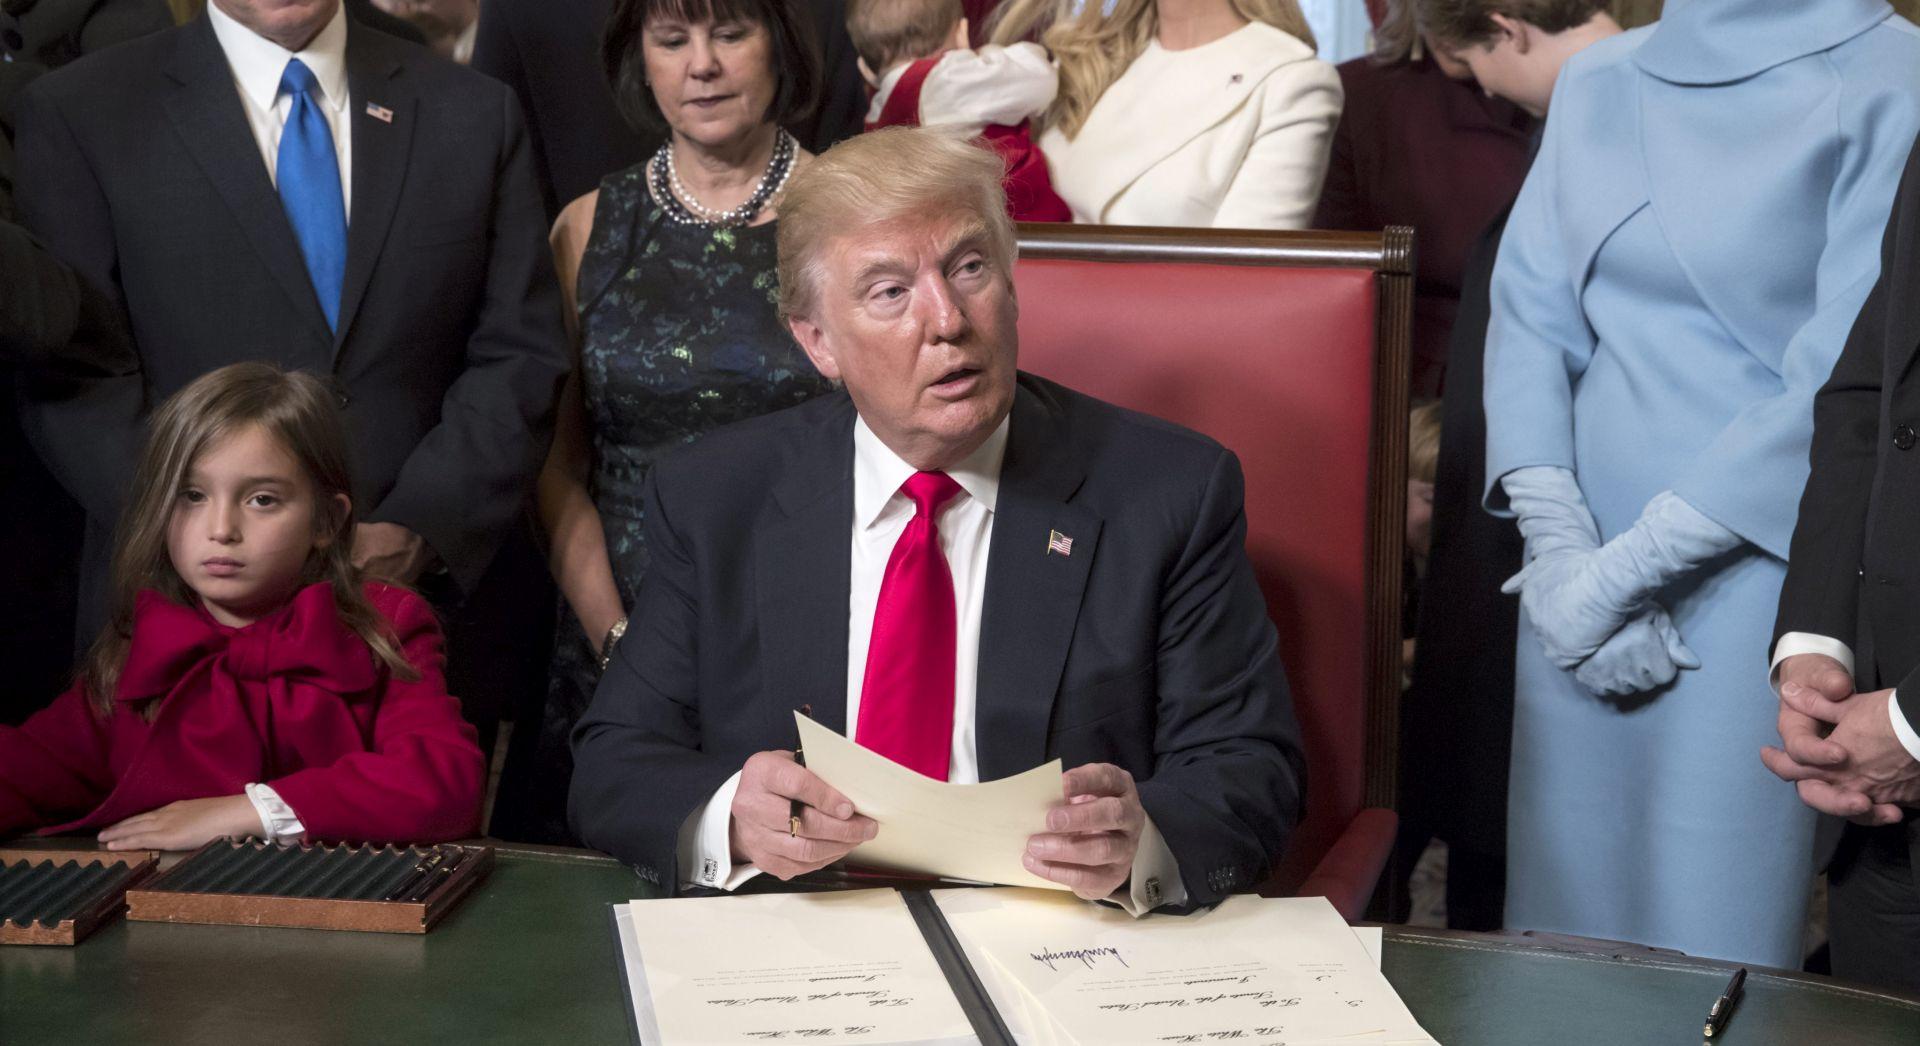 May kritizira američku politiku, Ivanka Trump zatražila od oca da ne razdvaja imigrantske obitelji